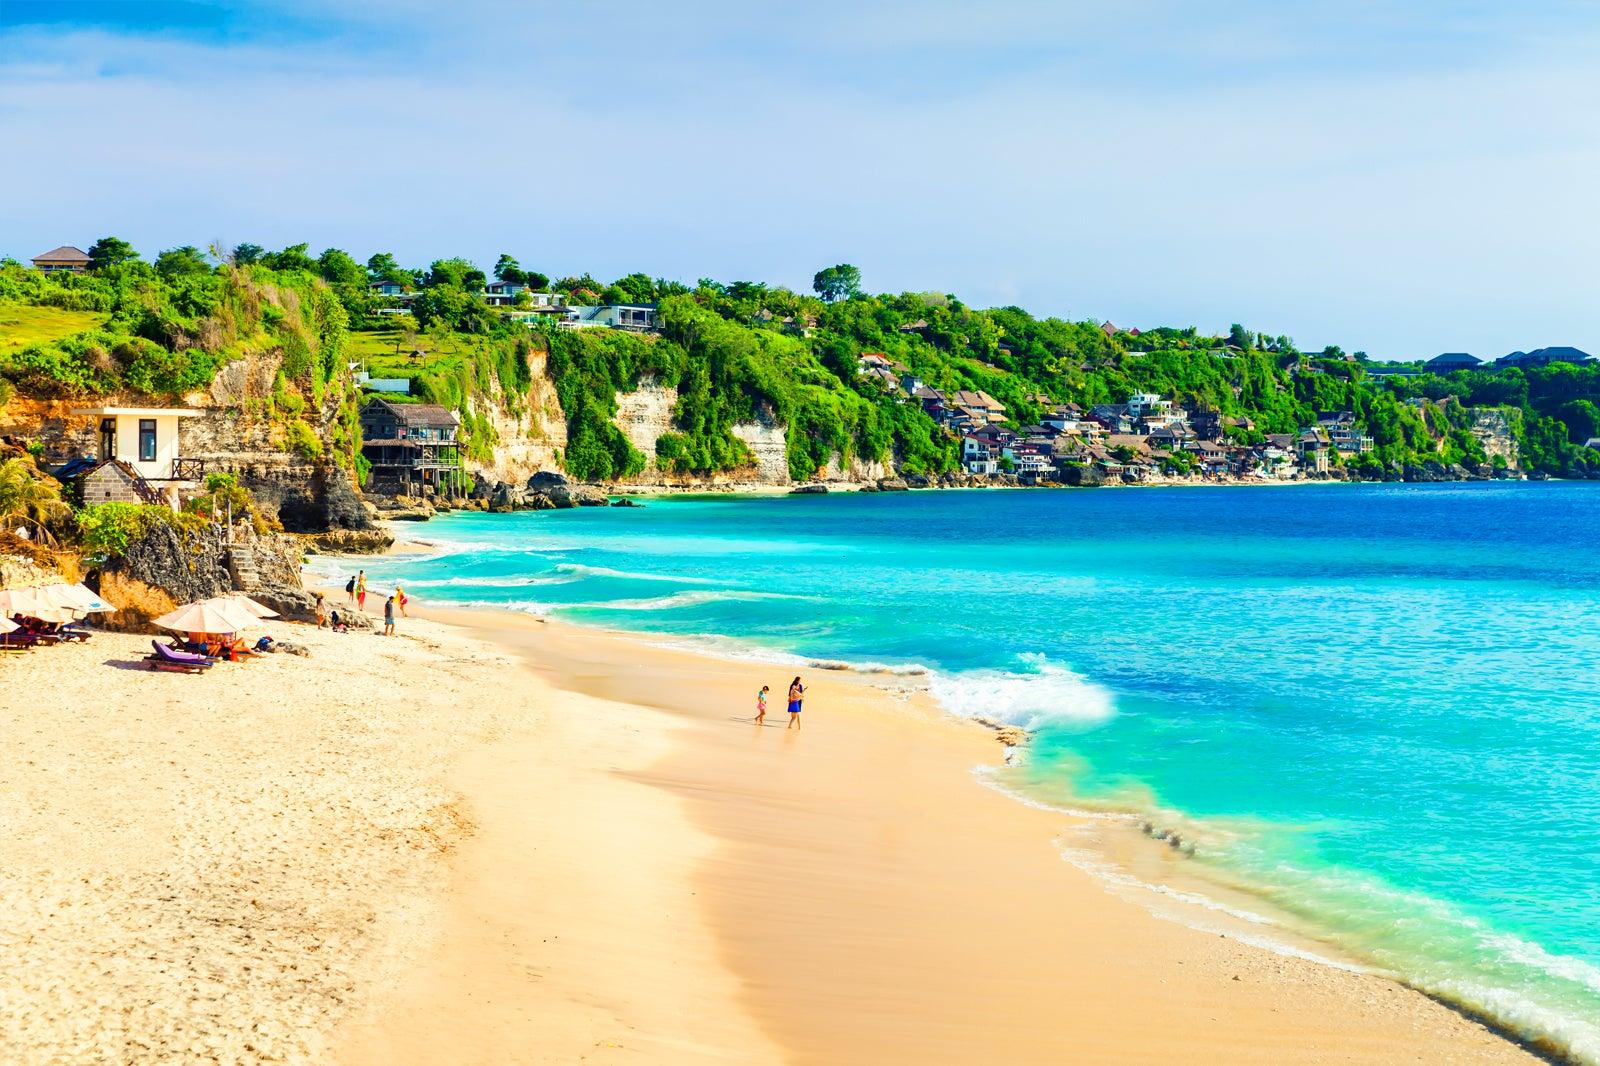 фотографии с пляжами подвергается